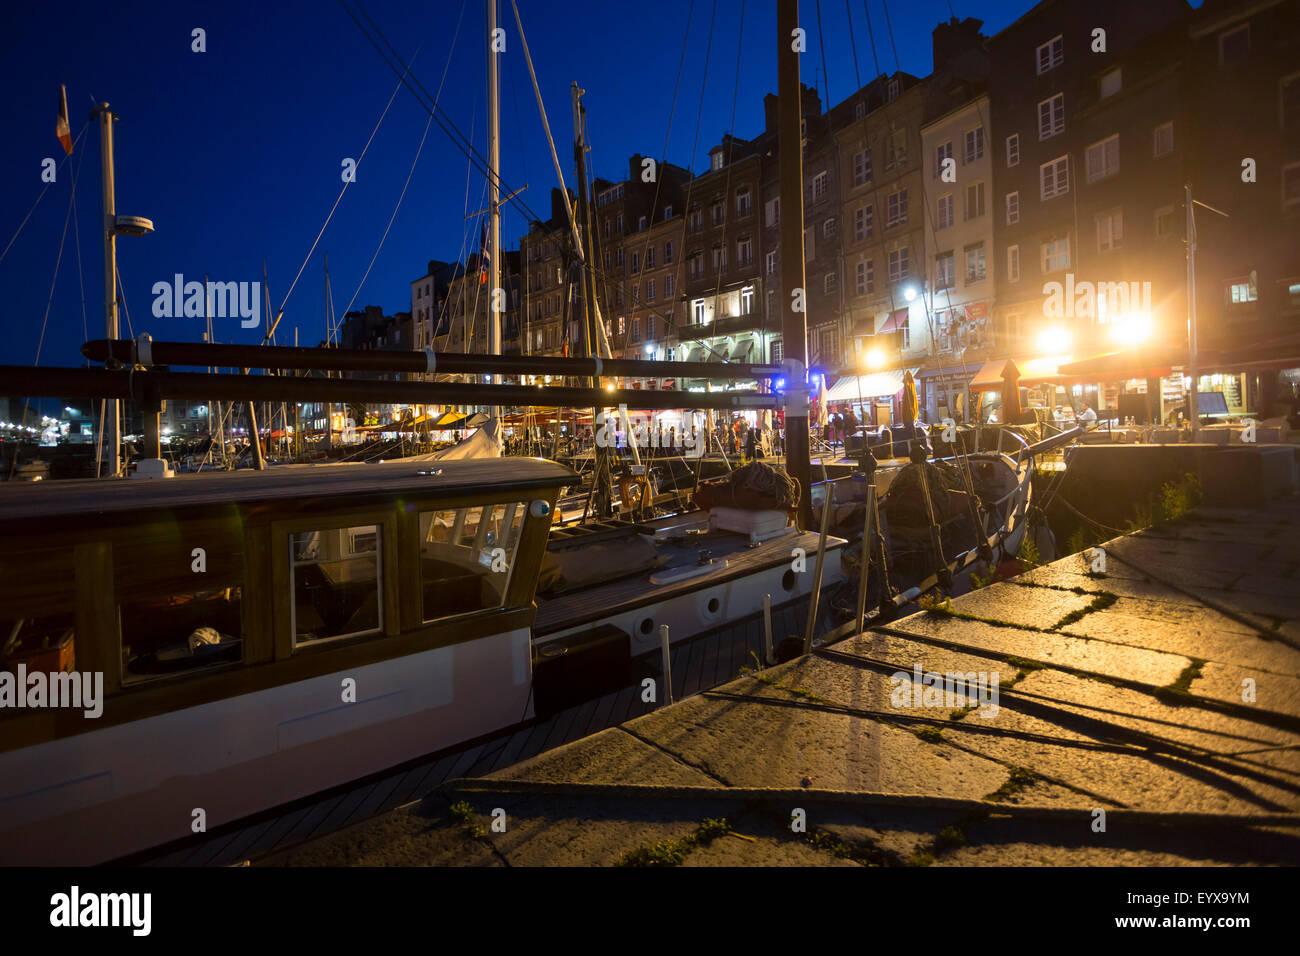 FRA, Frankreich, Normandie, Calvados, 30. Juli 2015: Ein Segelboot liegt zur Blauen Stunde im Abendlicht im Alten - Stock Image